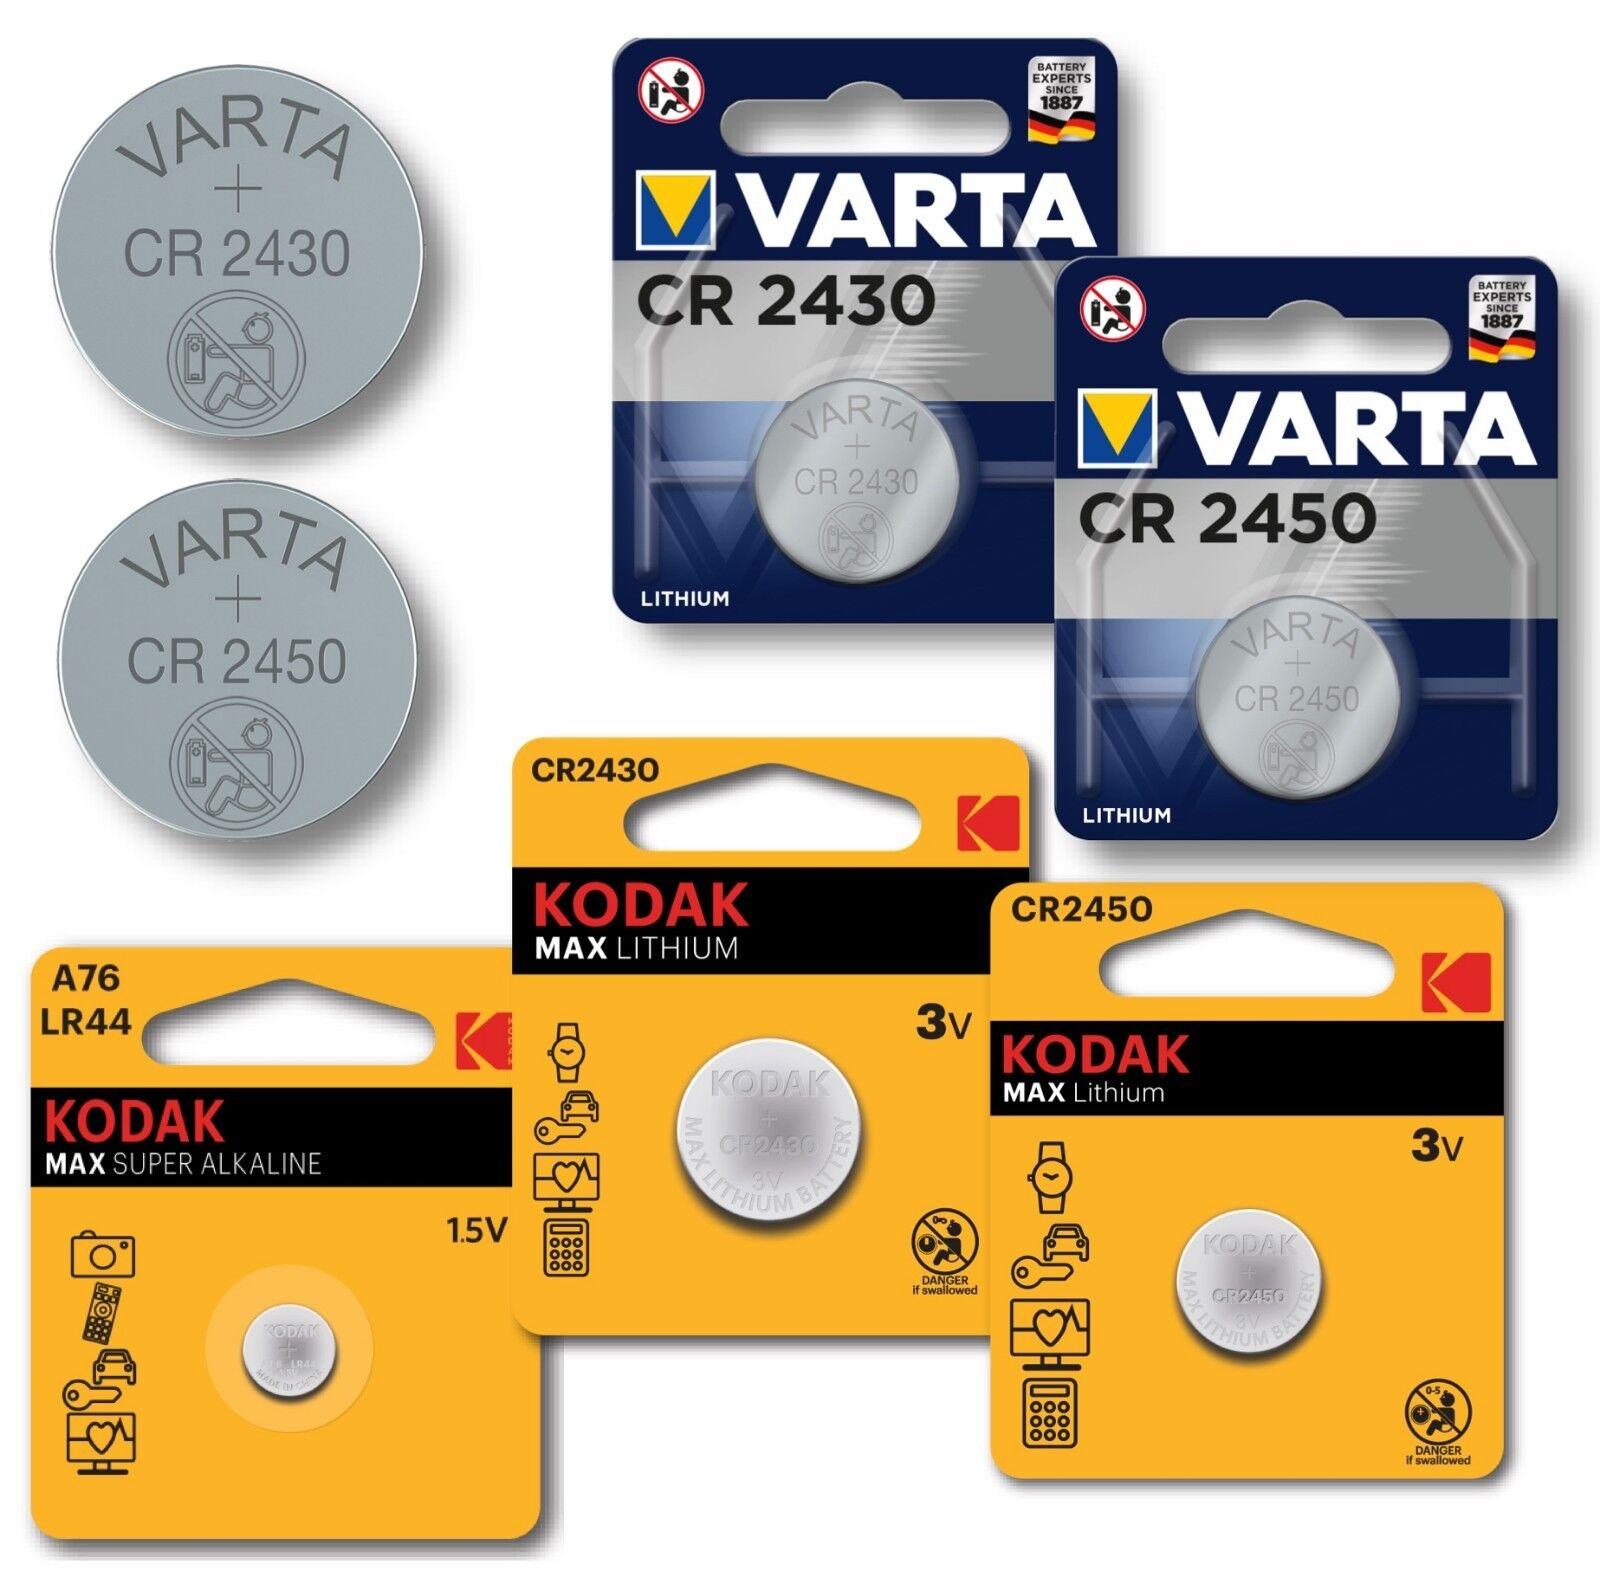 Kodak/Varta 1,5-3V LR44, CR2430, CR2450 im Blister/Bulk Batterien Knopfzellen